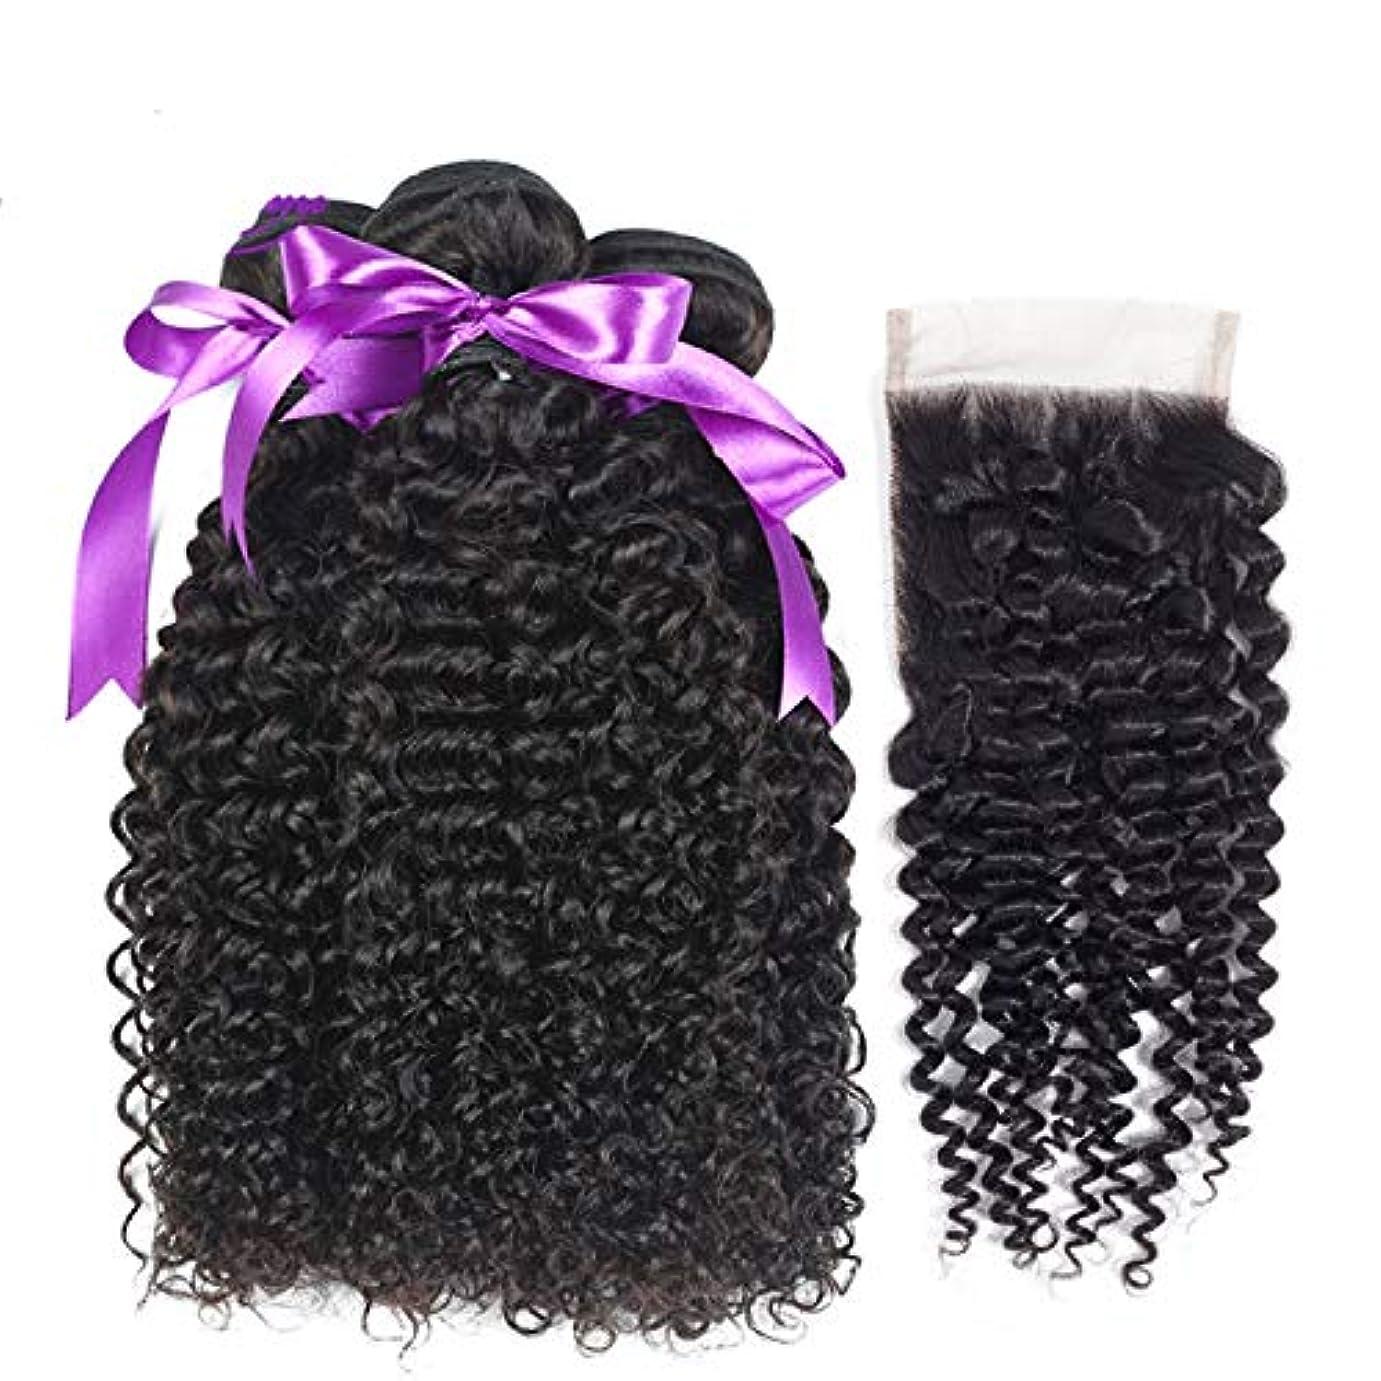 ぼかすフラップ実際にかつら ペルーの変態巻き毛3バンドル付き13 * 4閉鎖人間の髪バンドル人間の髪織り髪の拡張子 (Length : 12 14 16 Cl12, Part Design : FREE PART)